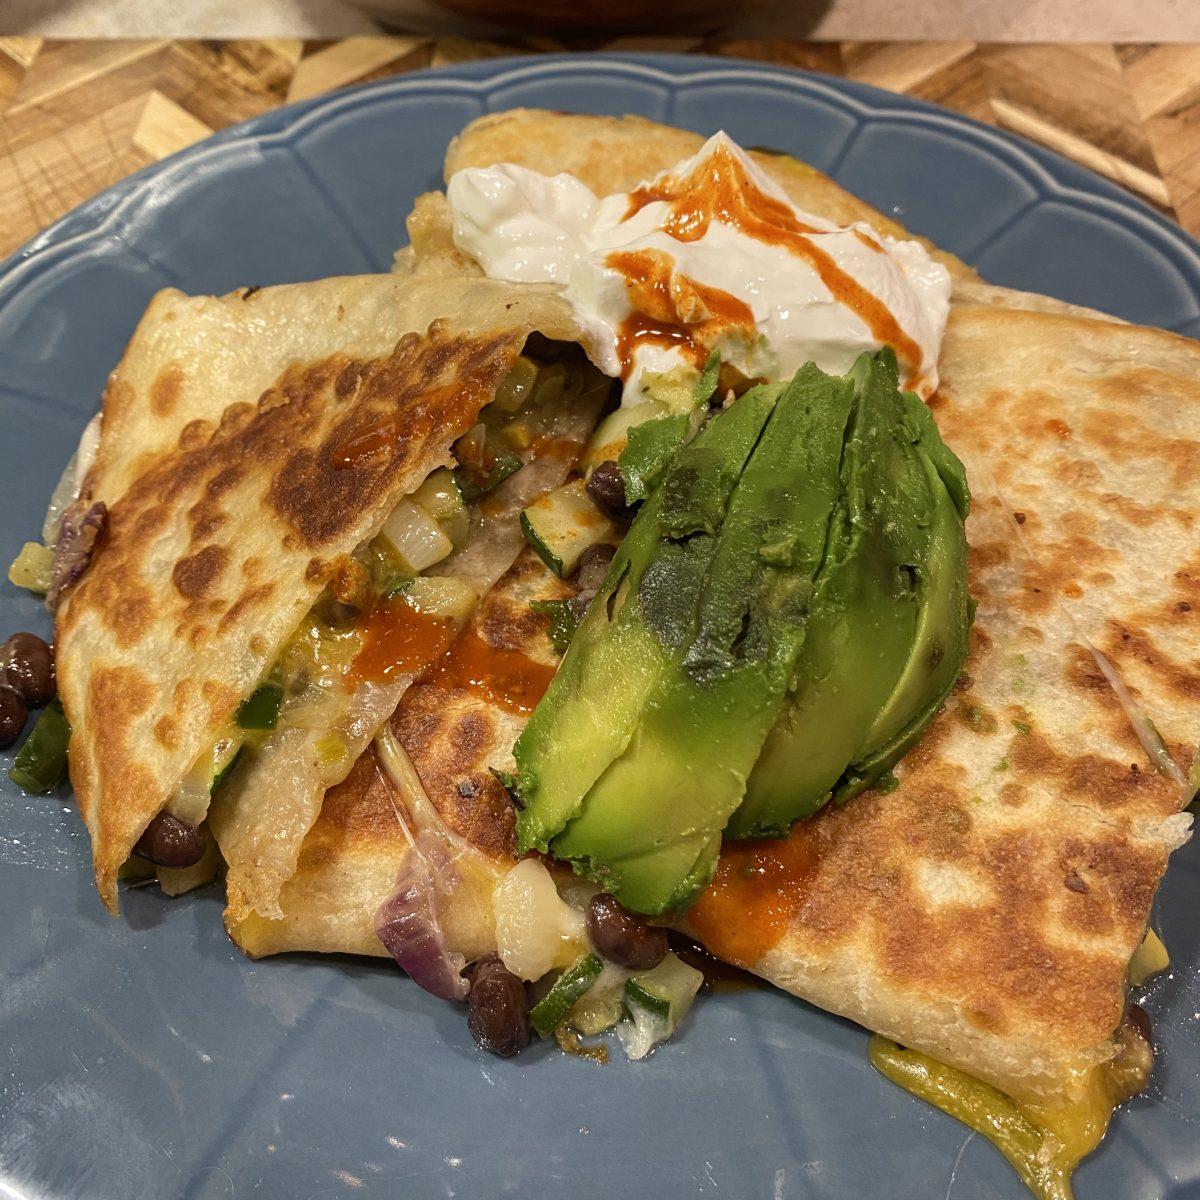 McGeeto's QuesaZilla (quesadilla)